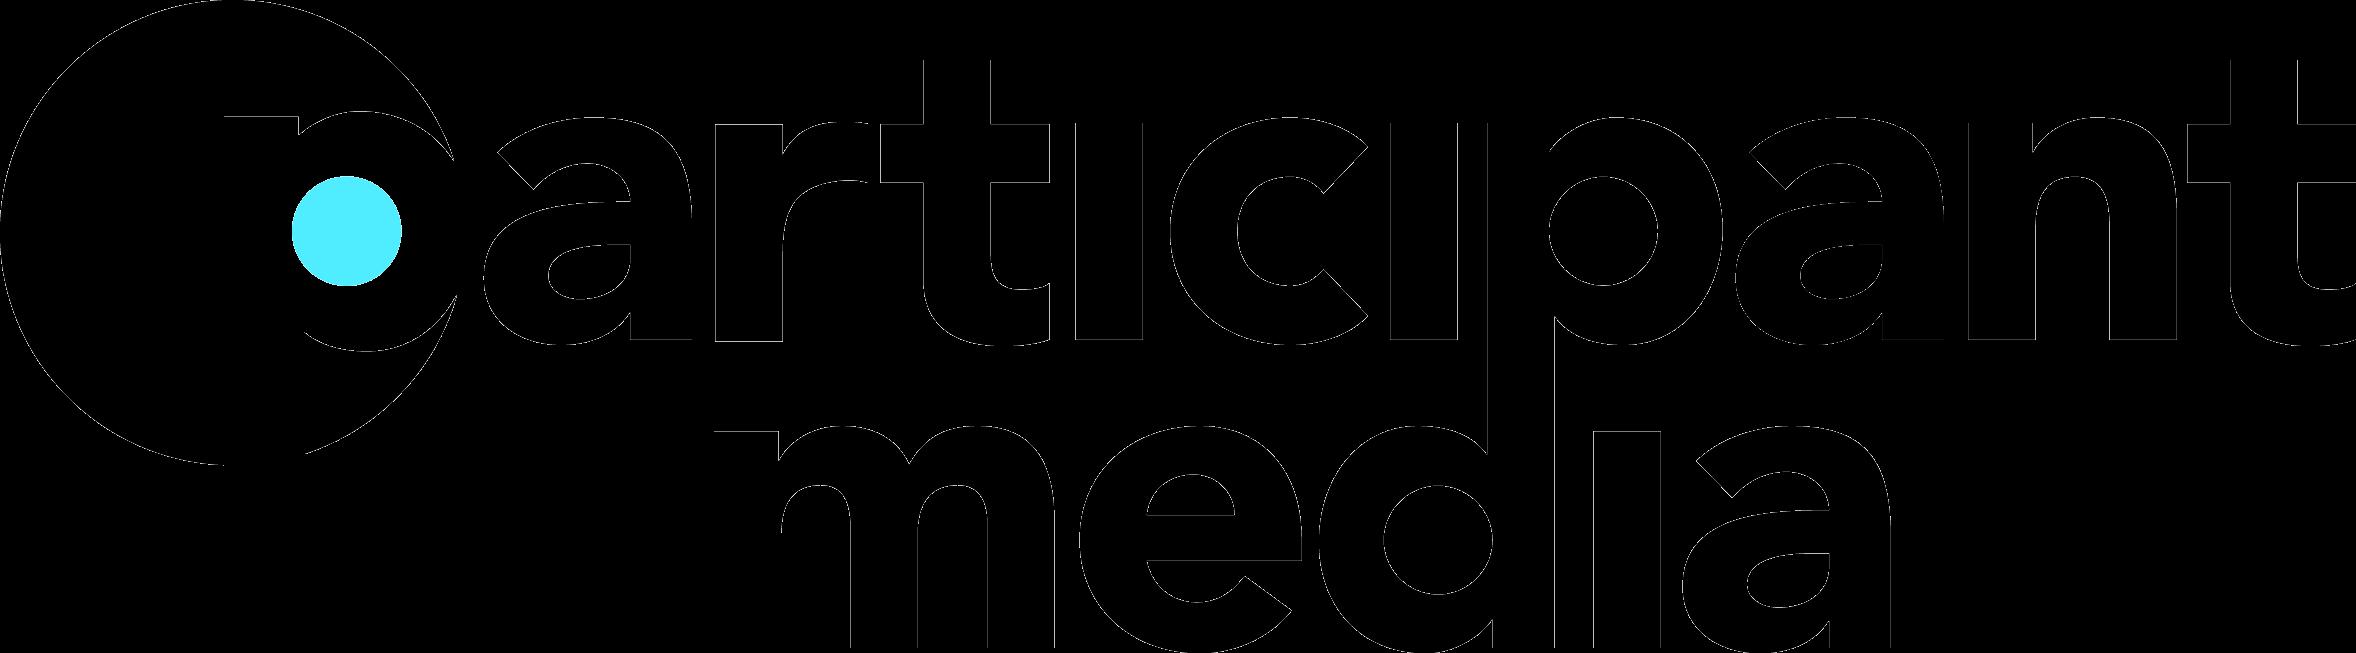 Participant_Media_logo.png